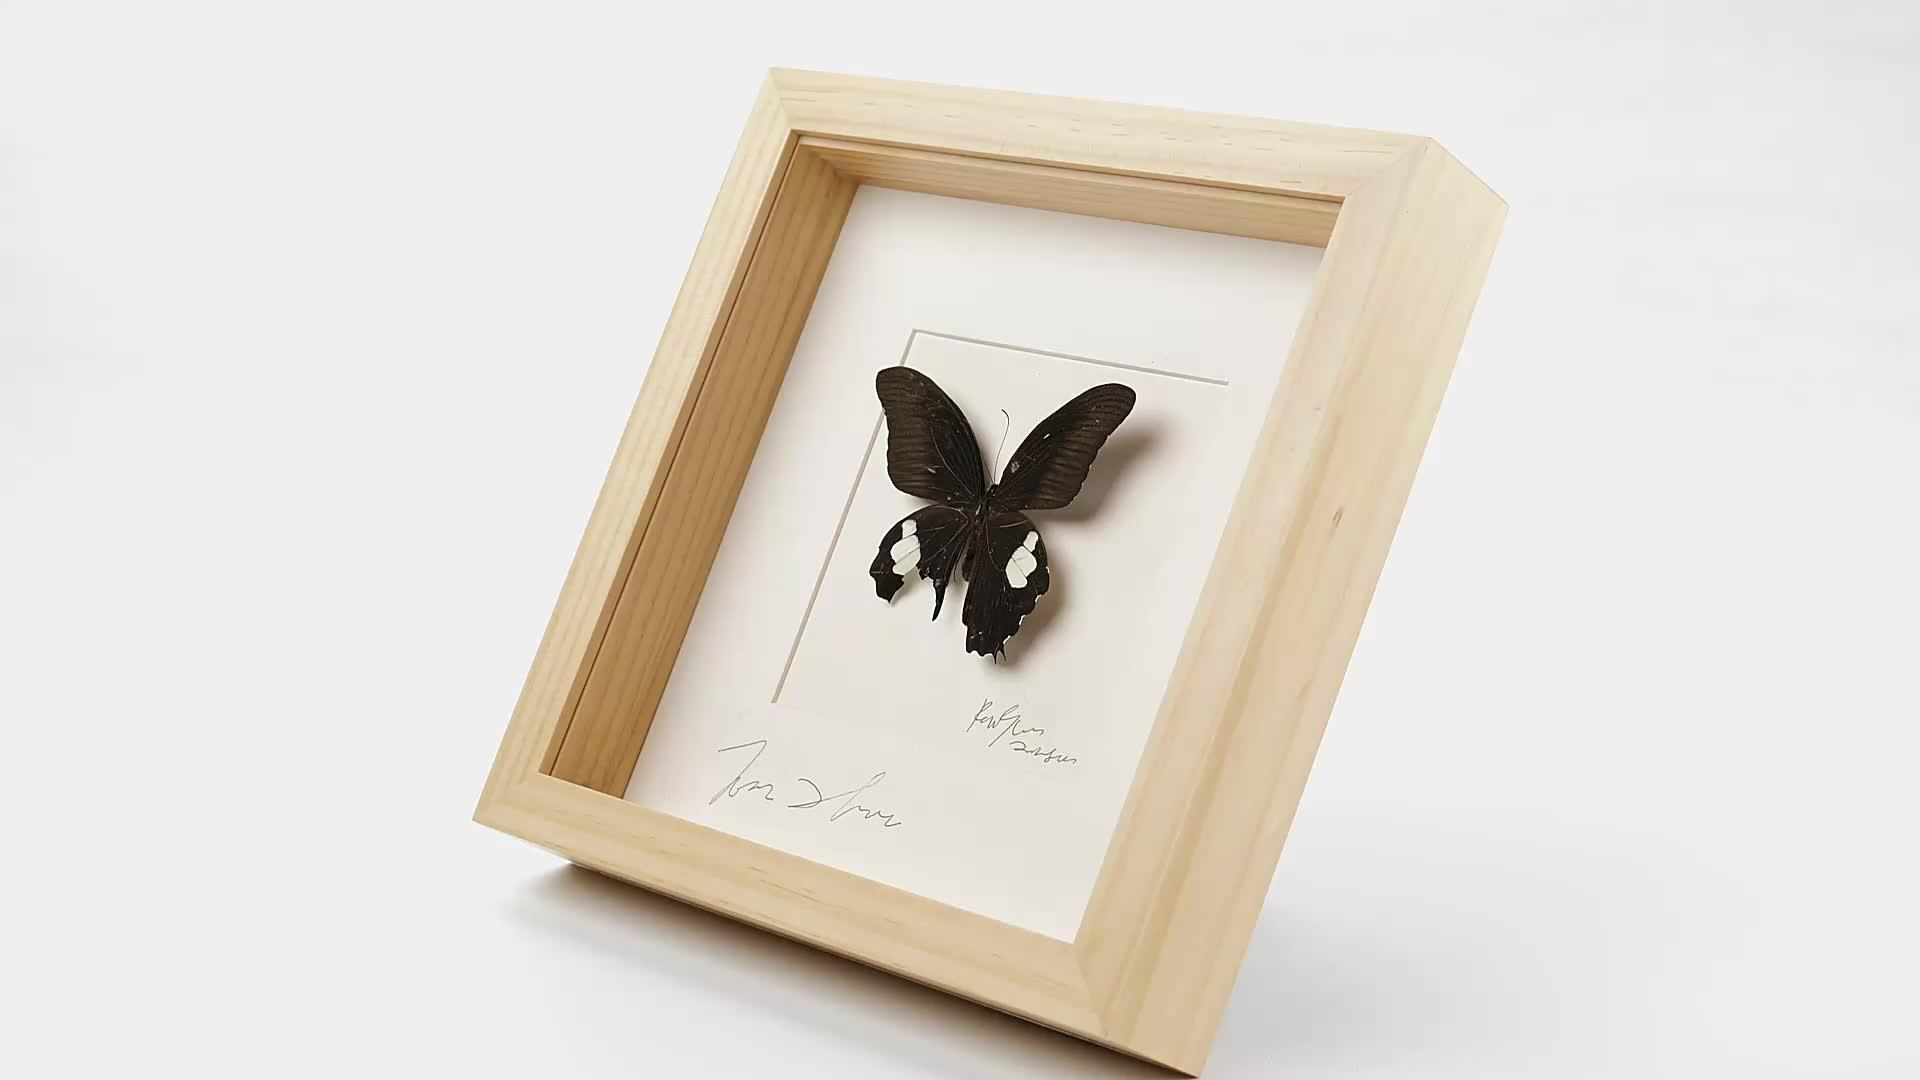 Hochwertige australien 8*8 weiß wand kunst 3D tiefen quadratischen DIY großhandel holz shadow box foto rahmen